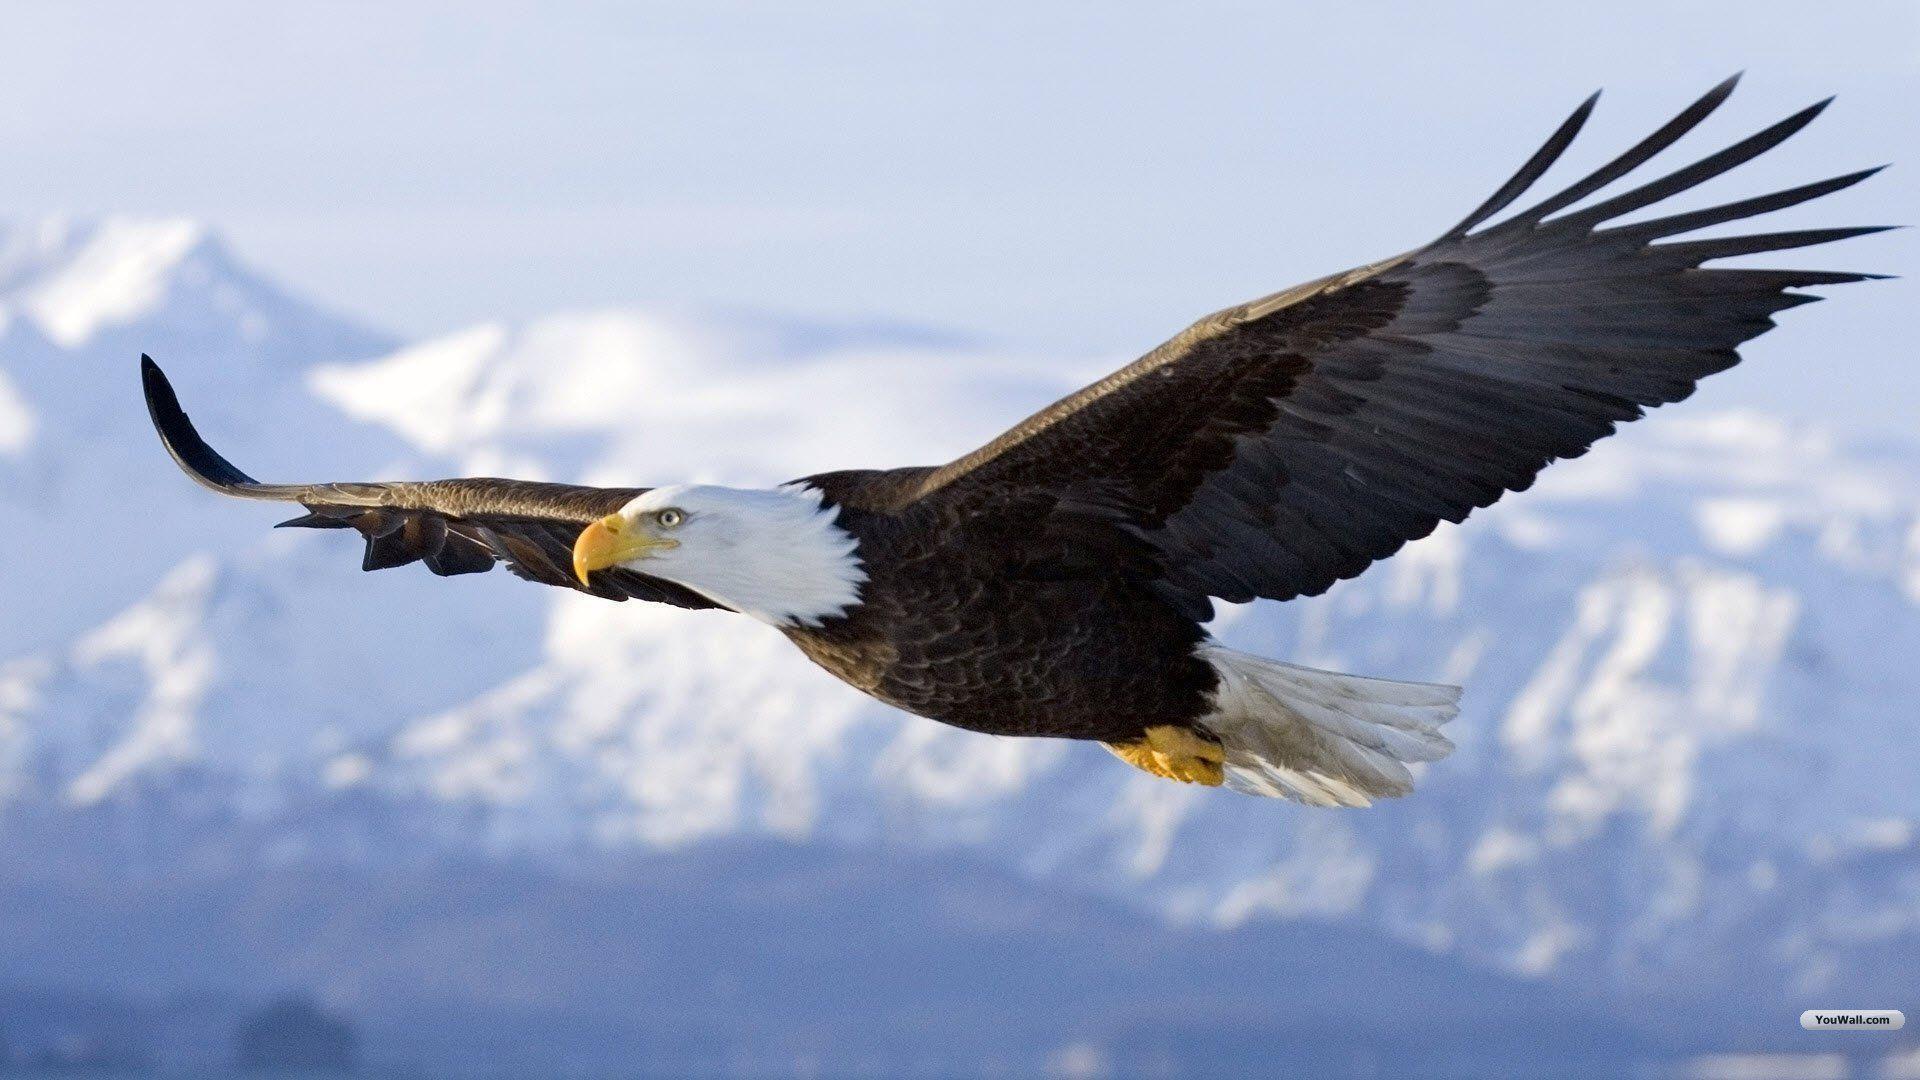 Eagle Desktop Wallpaper: Youwall Flying Eagle Wallpaper ...